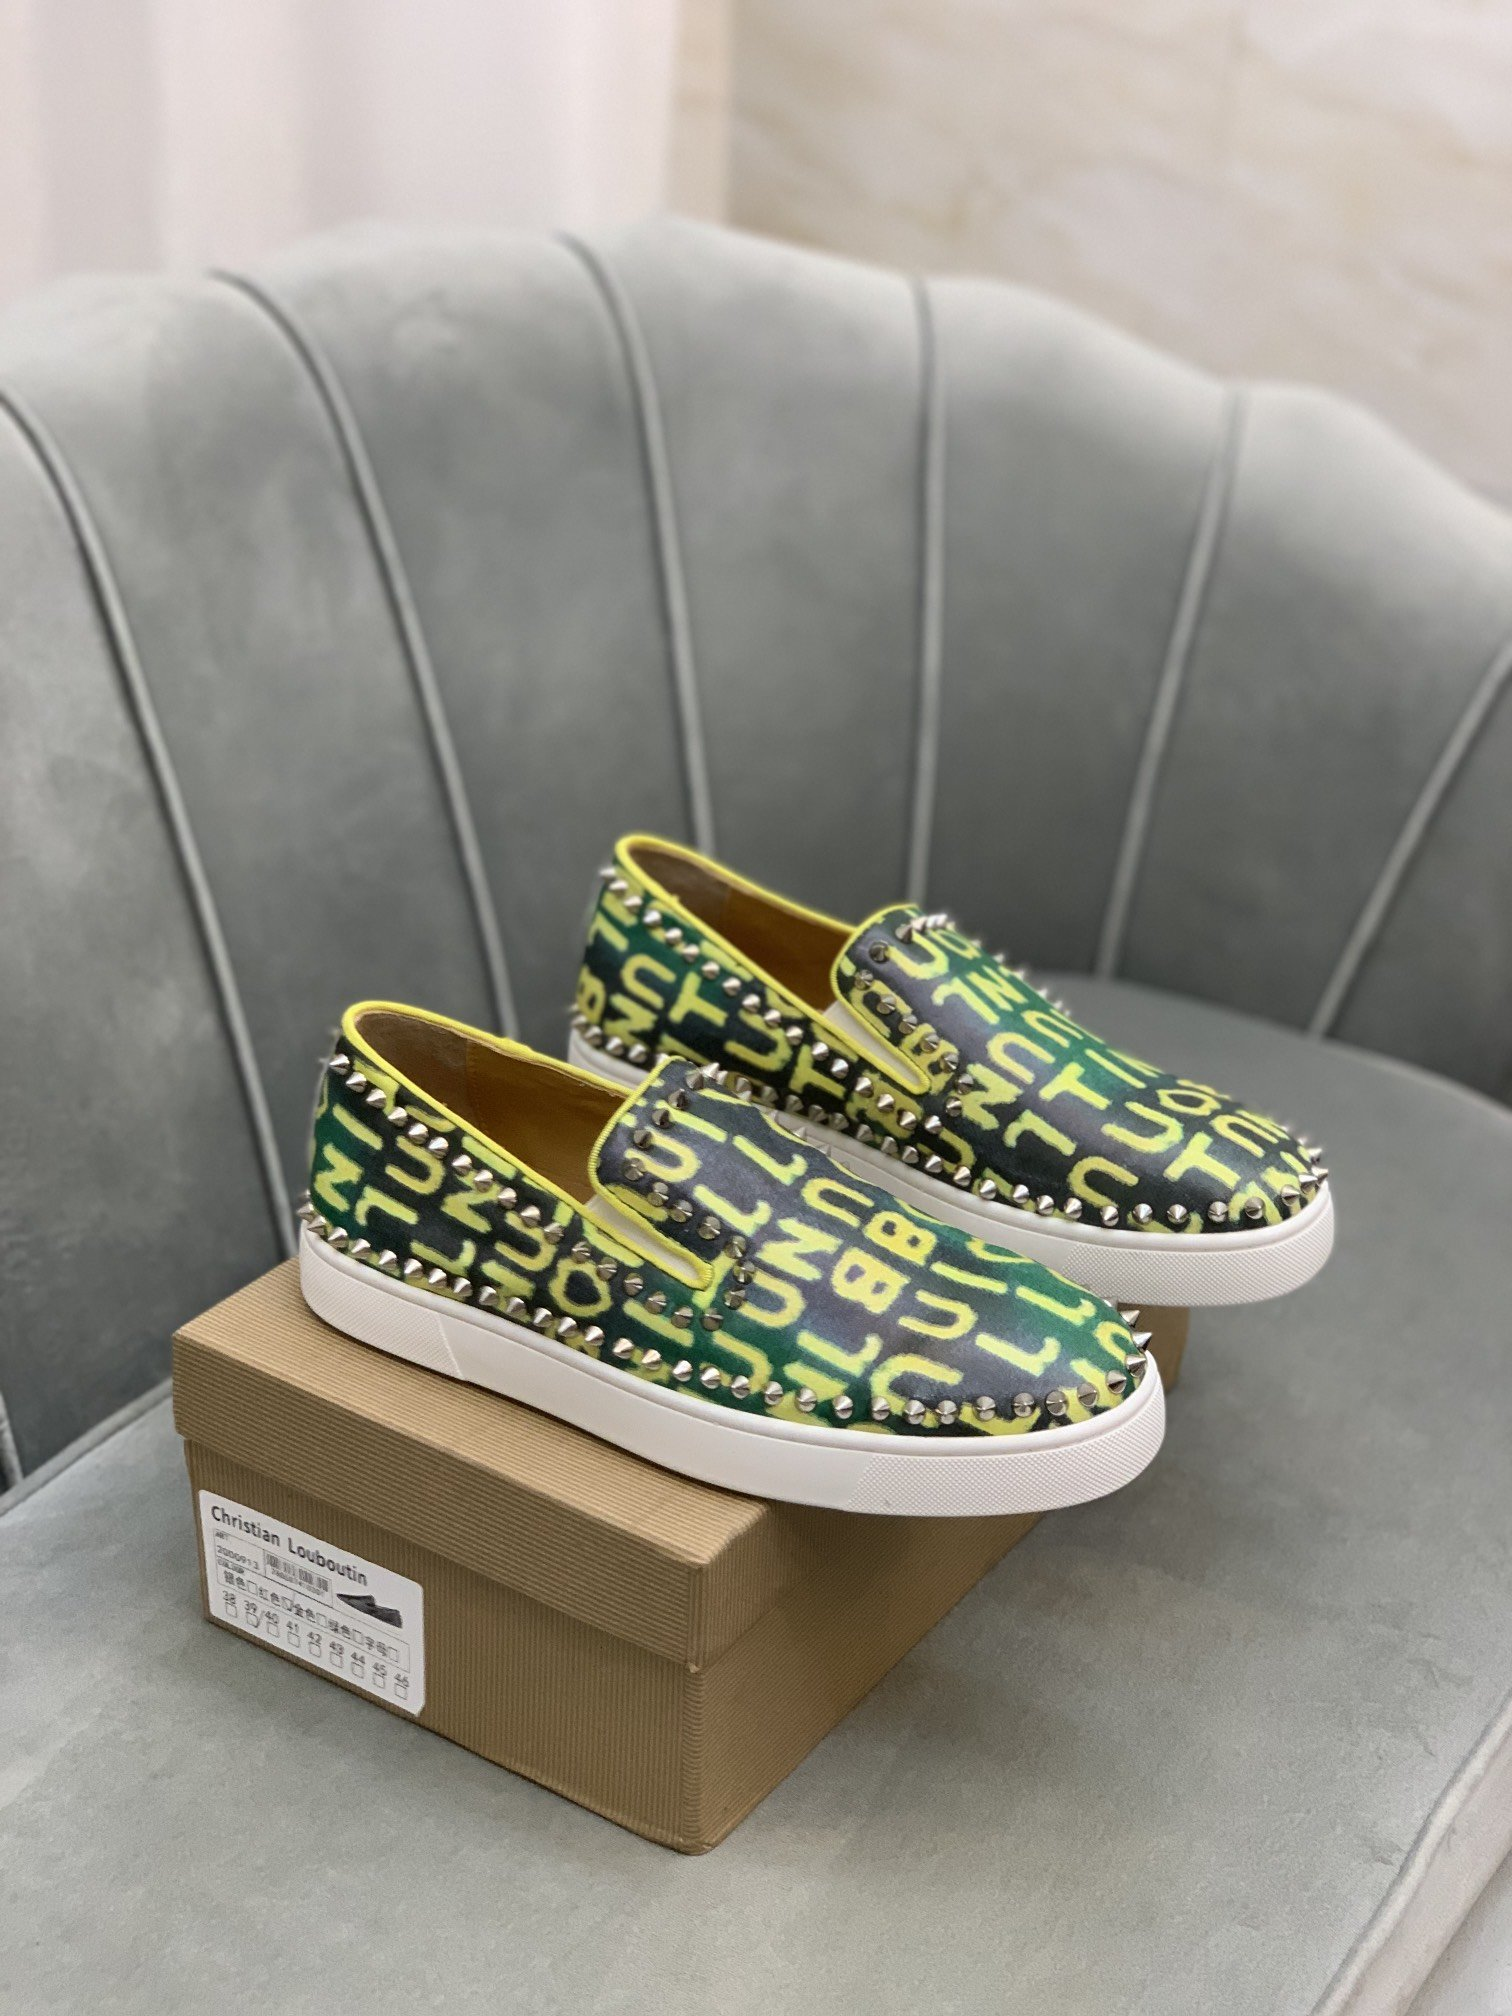 商品商标CL红底鞋*克里斯提.鲁布*